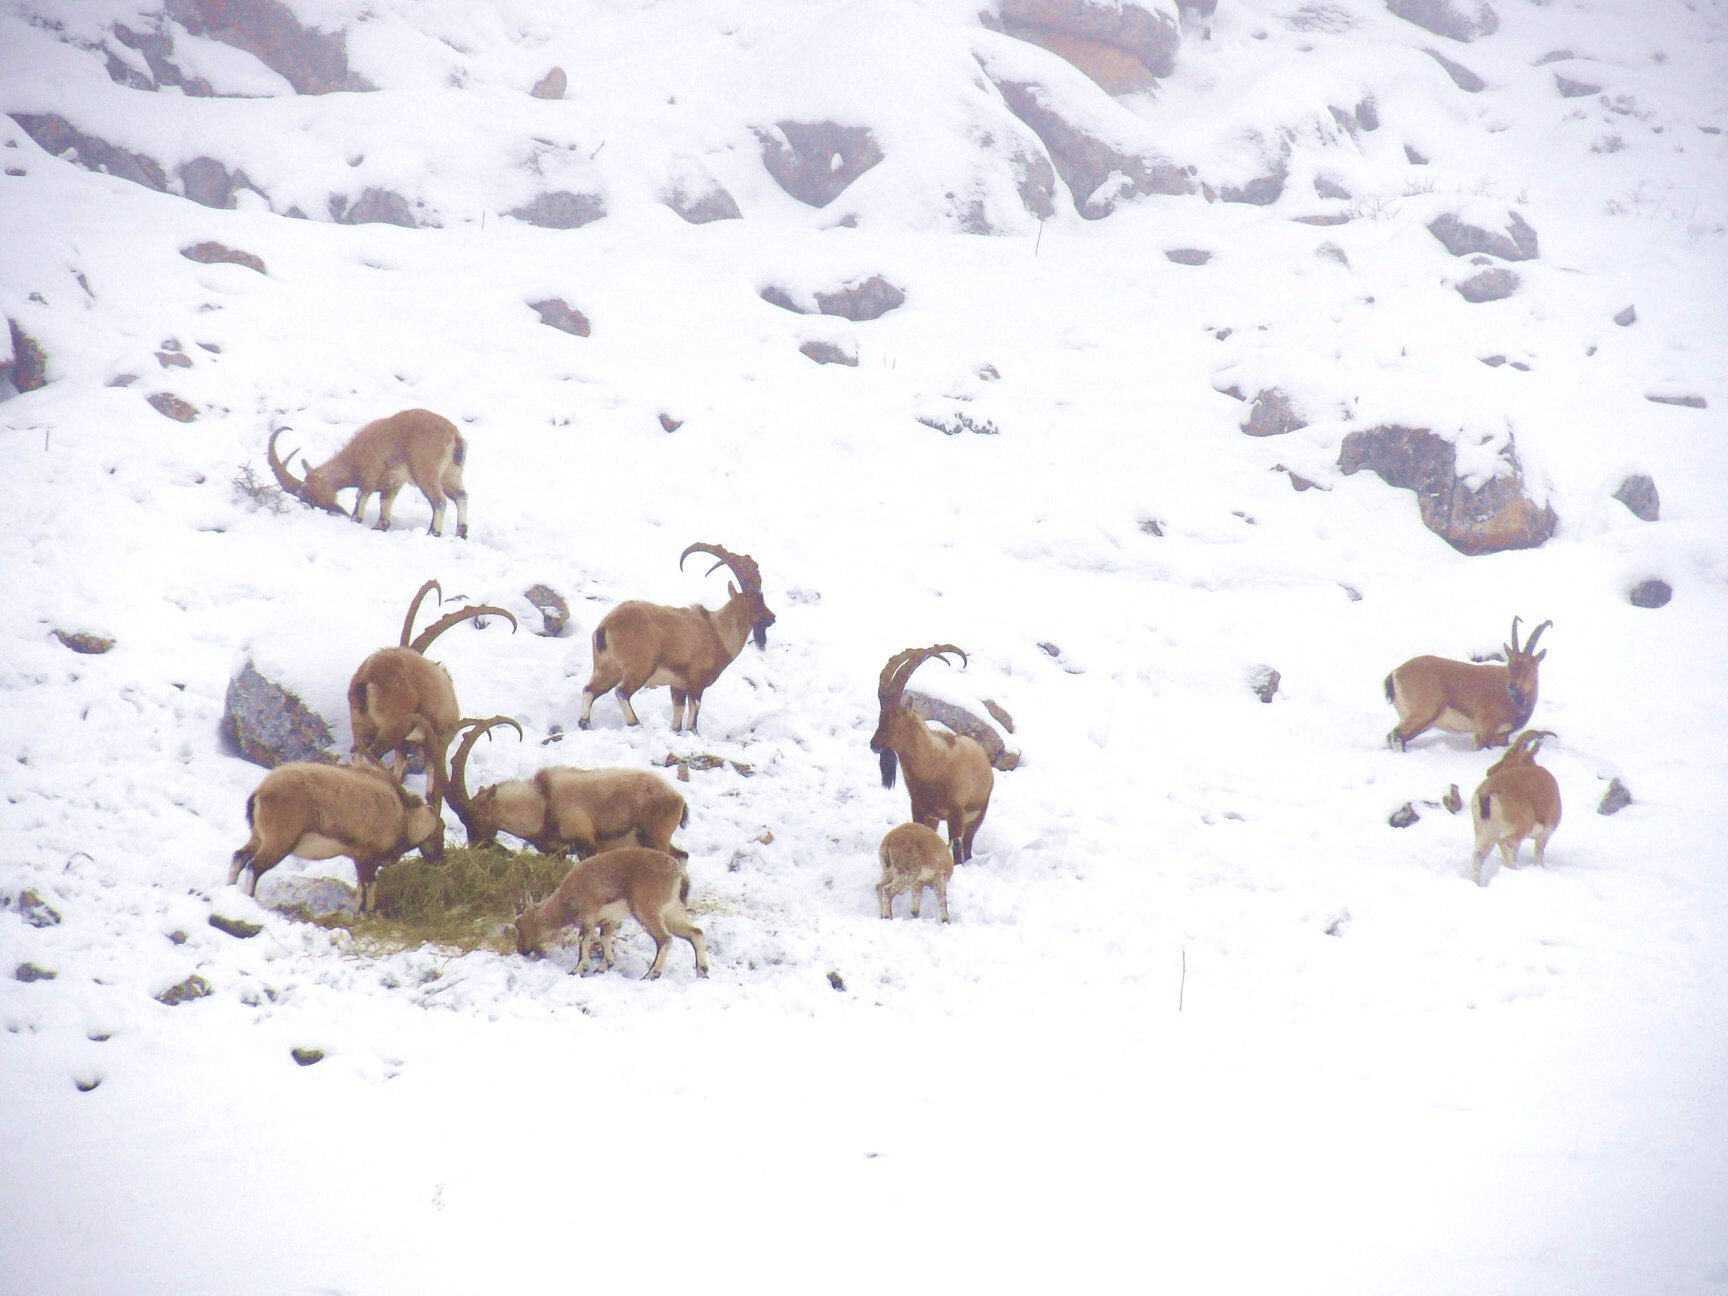 2003 yılında 700 civarında olan yaban keçisi sayısının, geçen 16 yılda 1400'lere kadar ulaştığı belirtildi.